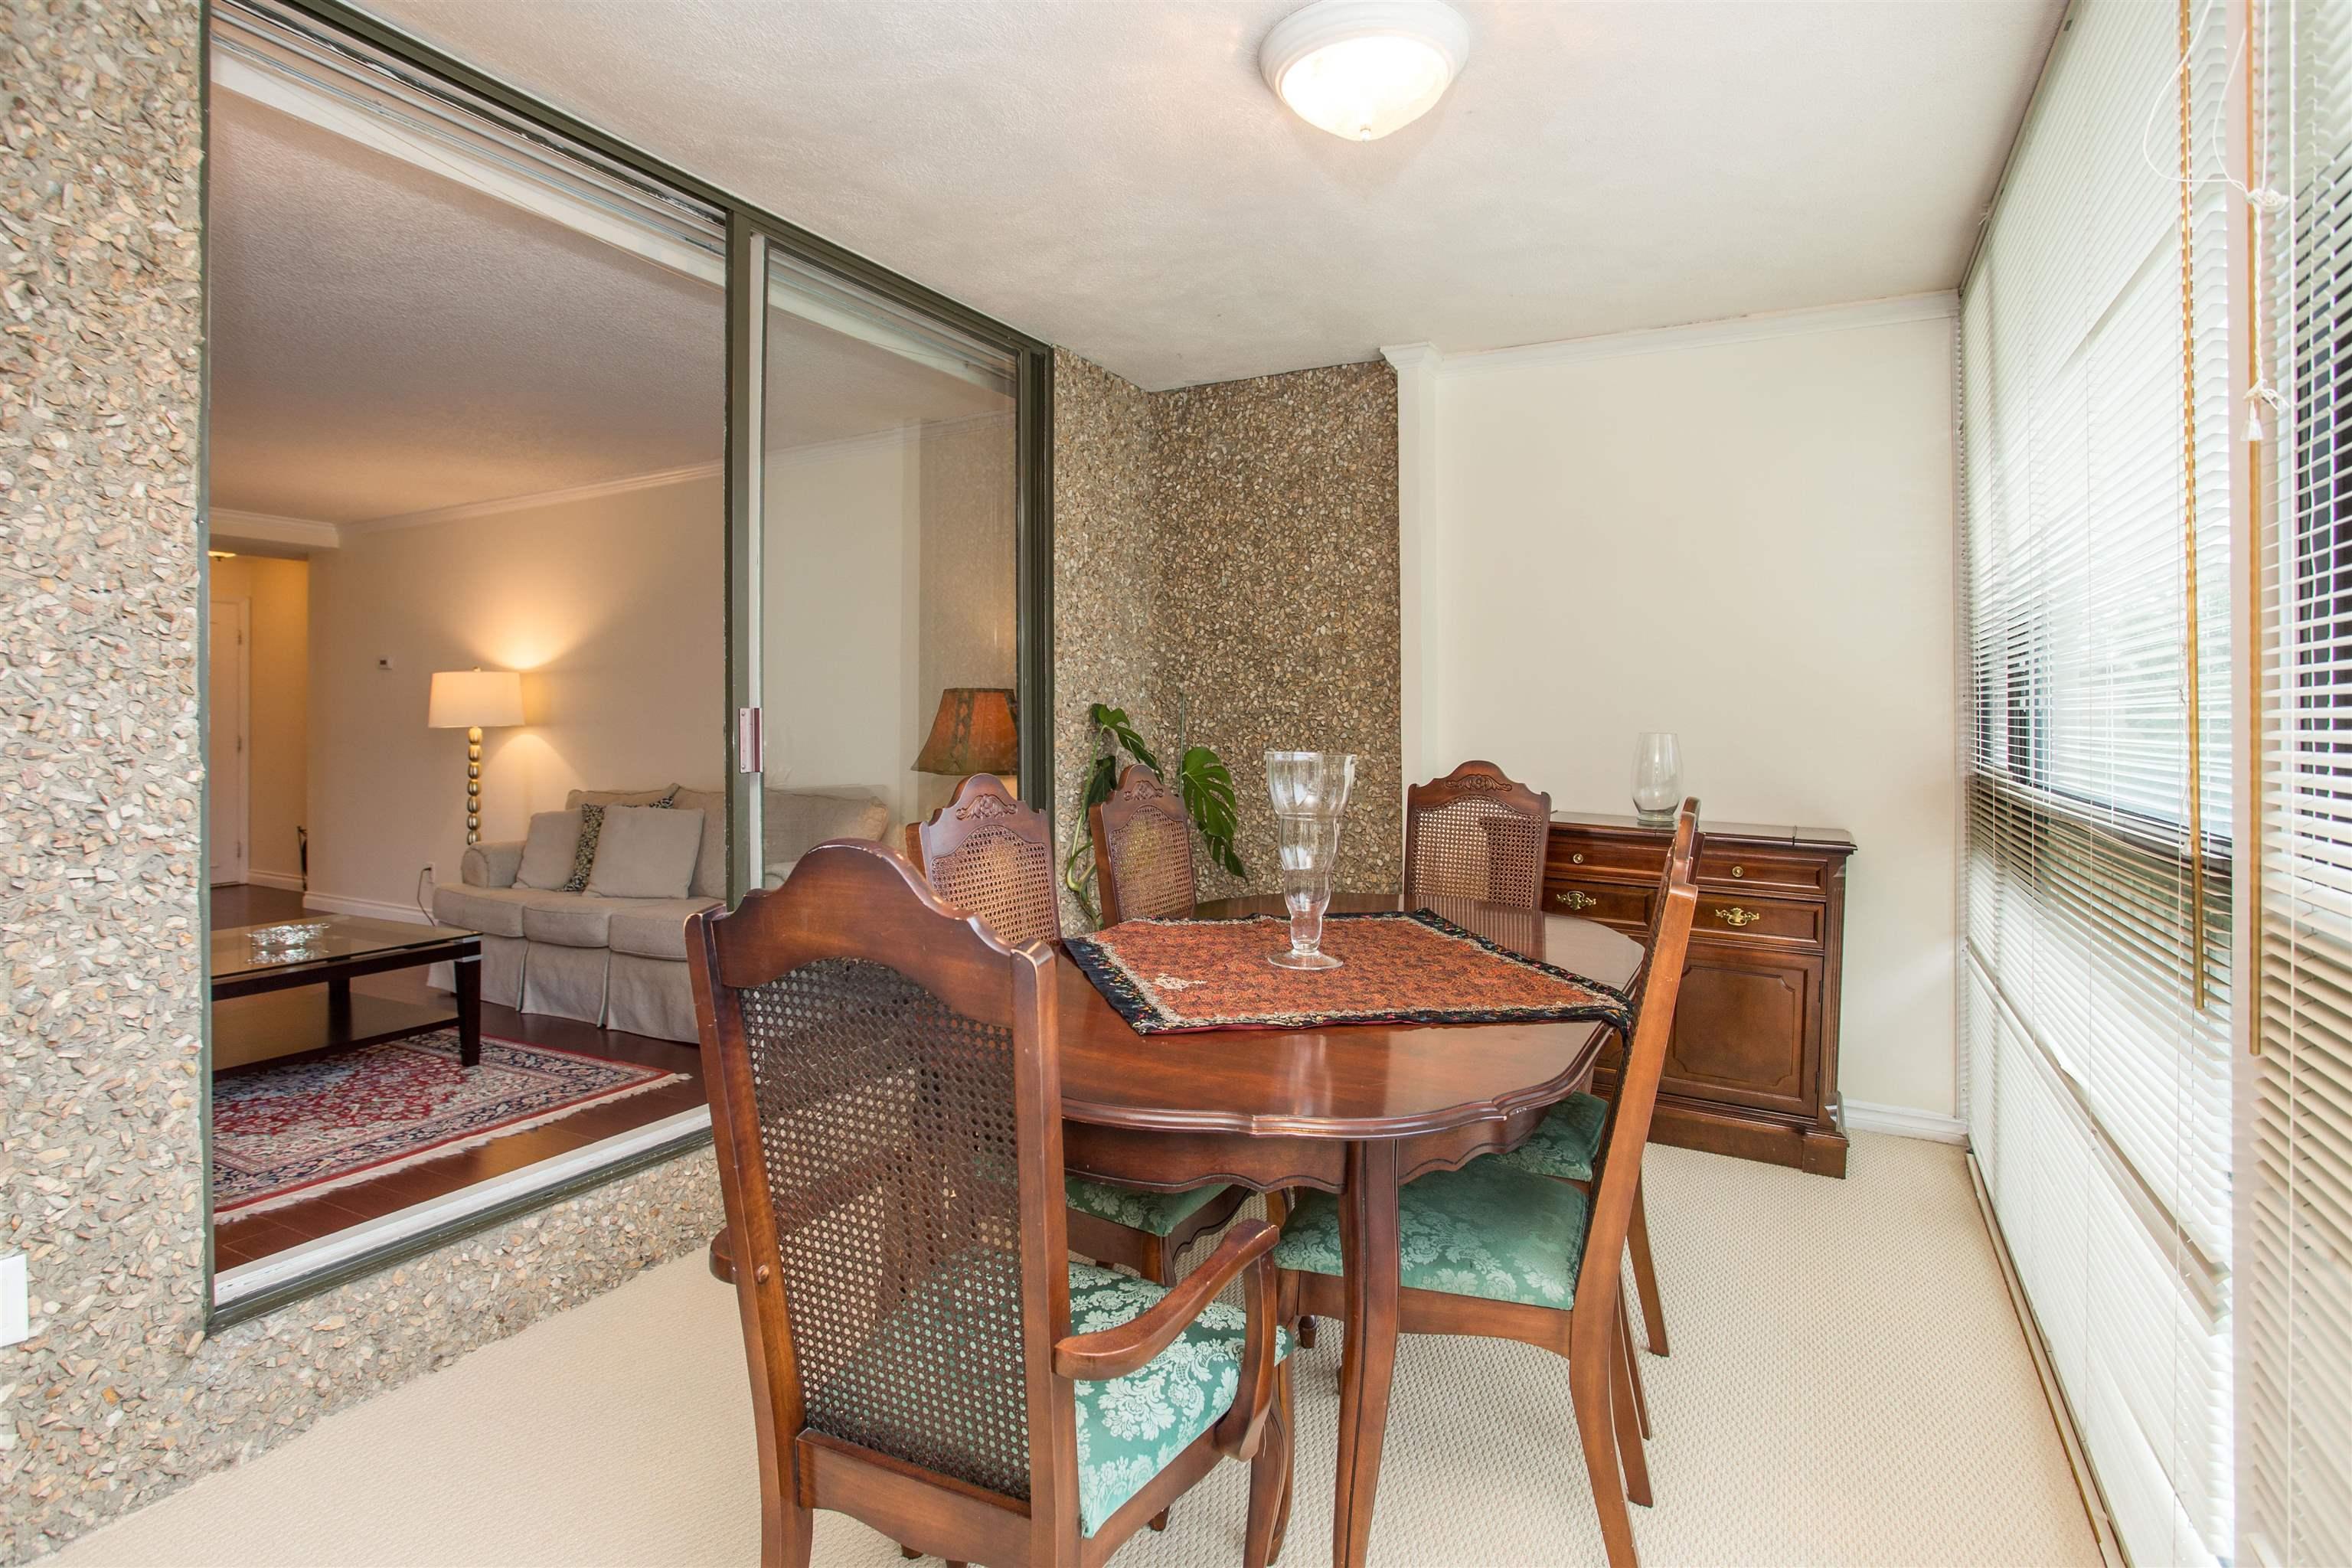 203 1390 DUCHESS AVENUE - Ambleside Apartment/Condo for sale, 1 Bedroom (R2611618) - #10